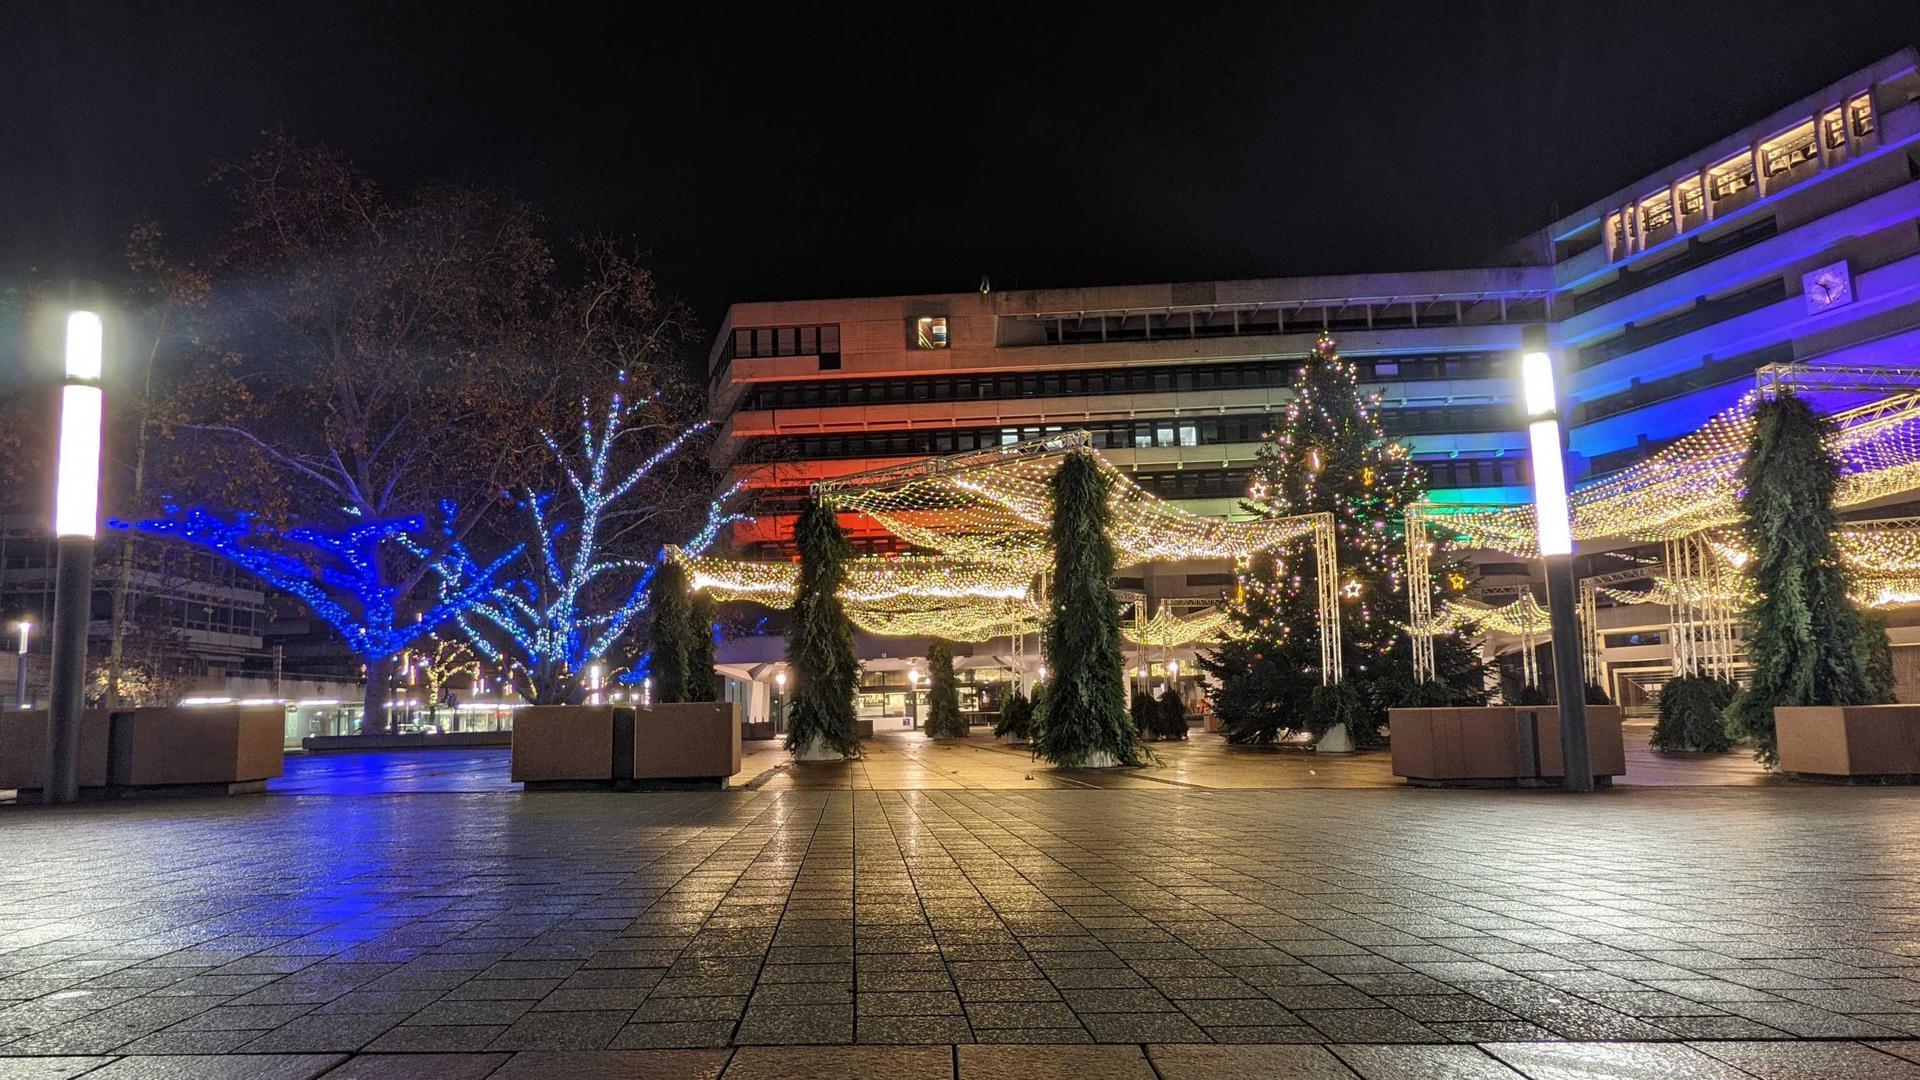 Weihnachtsschmuck, glitzernde Lichter: Festlich geschmückt, aber menschenleer zeigt sich der Pforzheimer Marktplatz mit dem Neuen Rathaus schon vor der am Donnerstag beschlossenen nächtlichen Ausgangssperre für Corona-Hotspots.